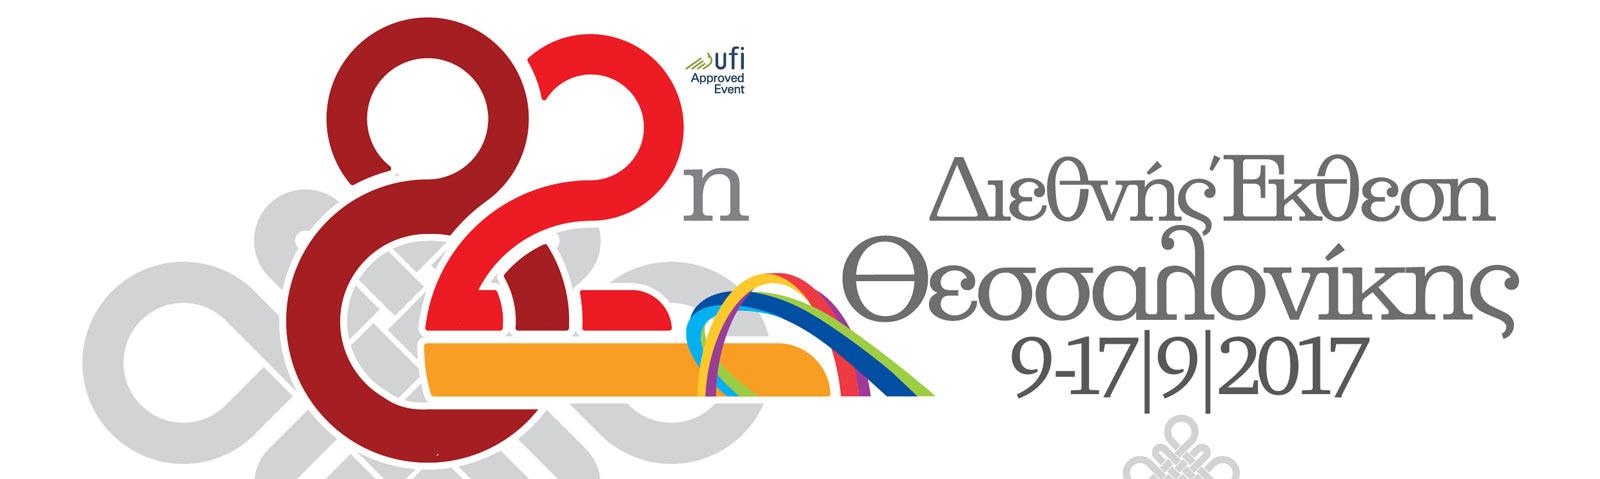 Συμμετοχή της Ζεόλιθος | Zeolife.gr στη 82η Διεθνή Έκθεση Θεσσαλονίκης 9-17/9/2017